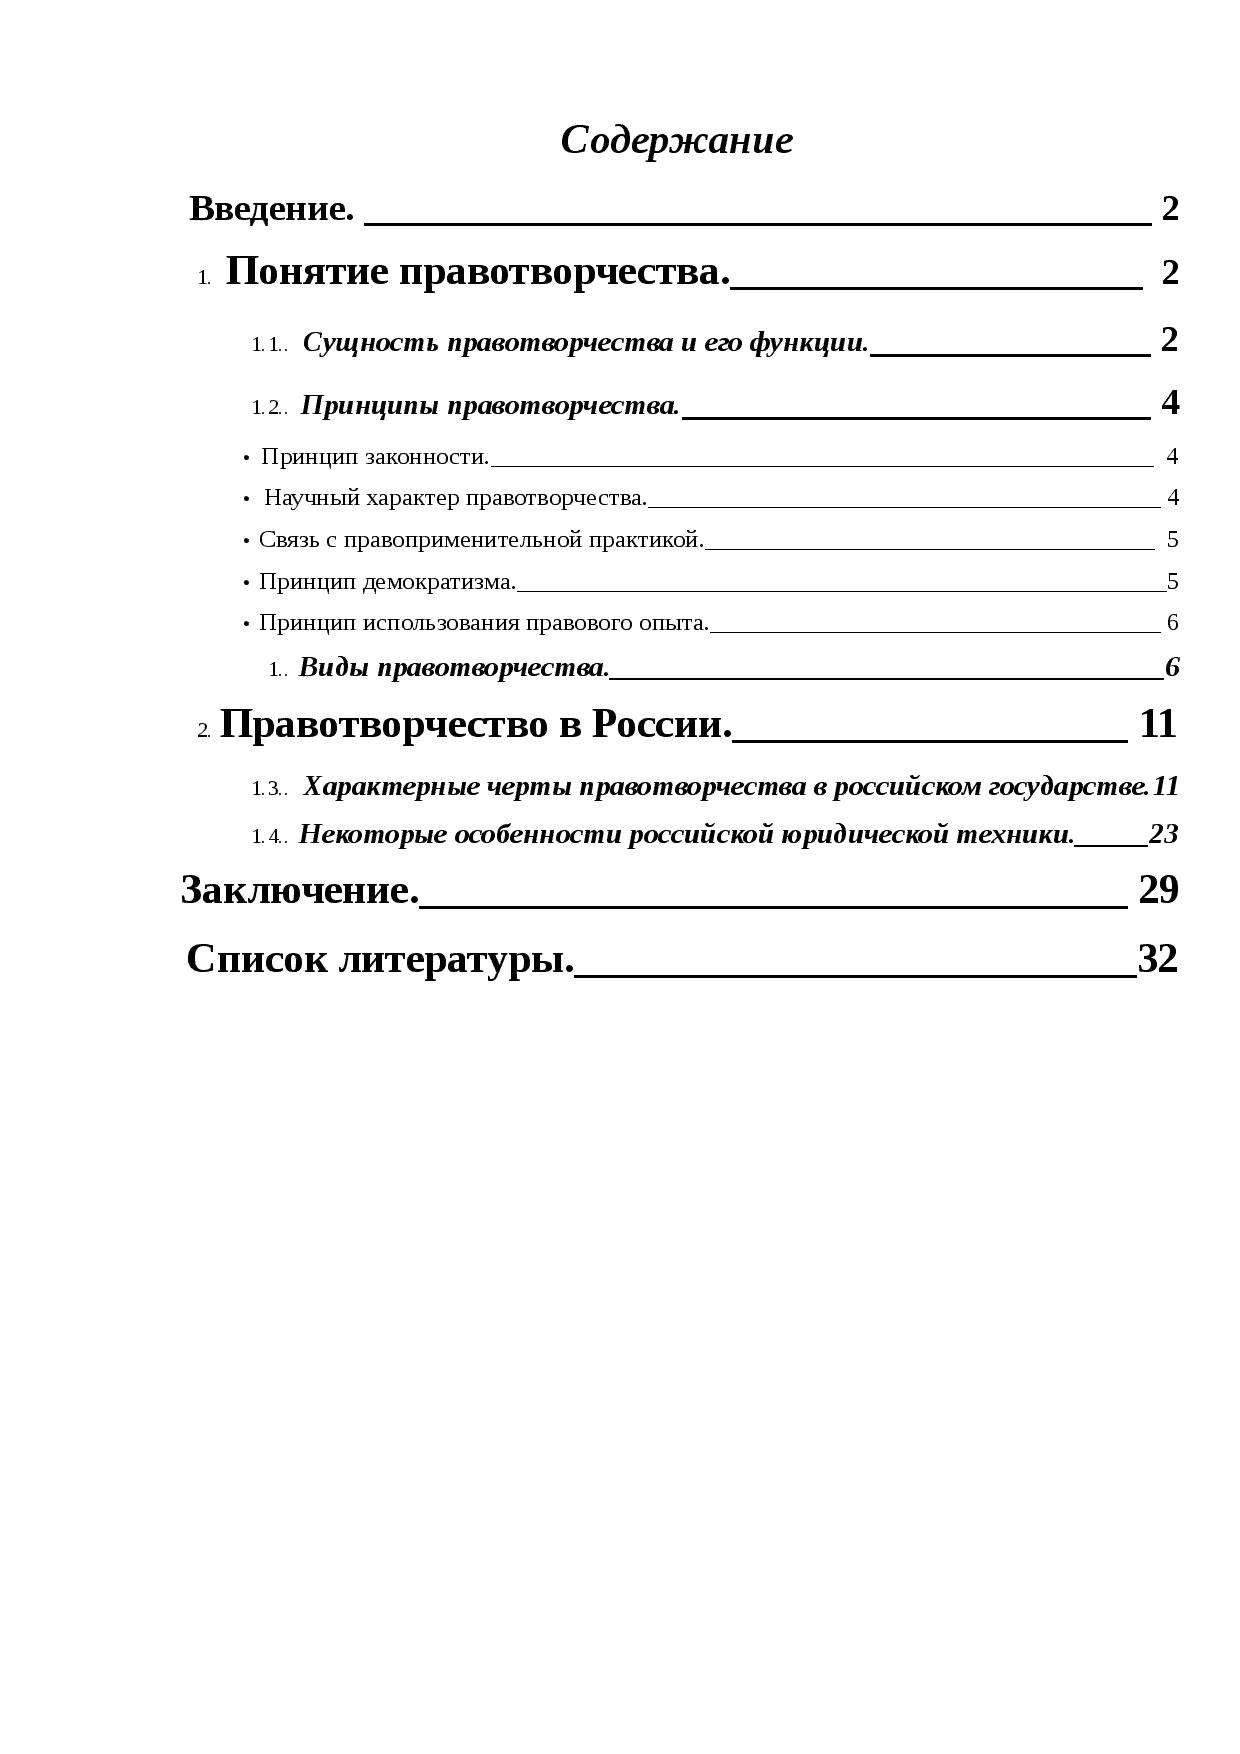 53 принципы и стадии правотворческой деятельности